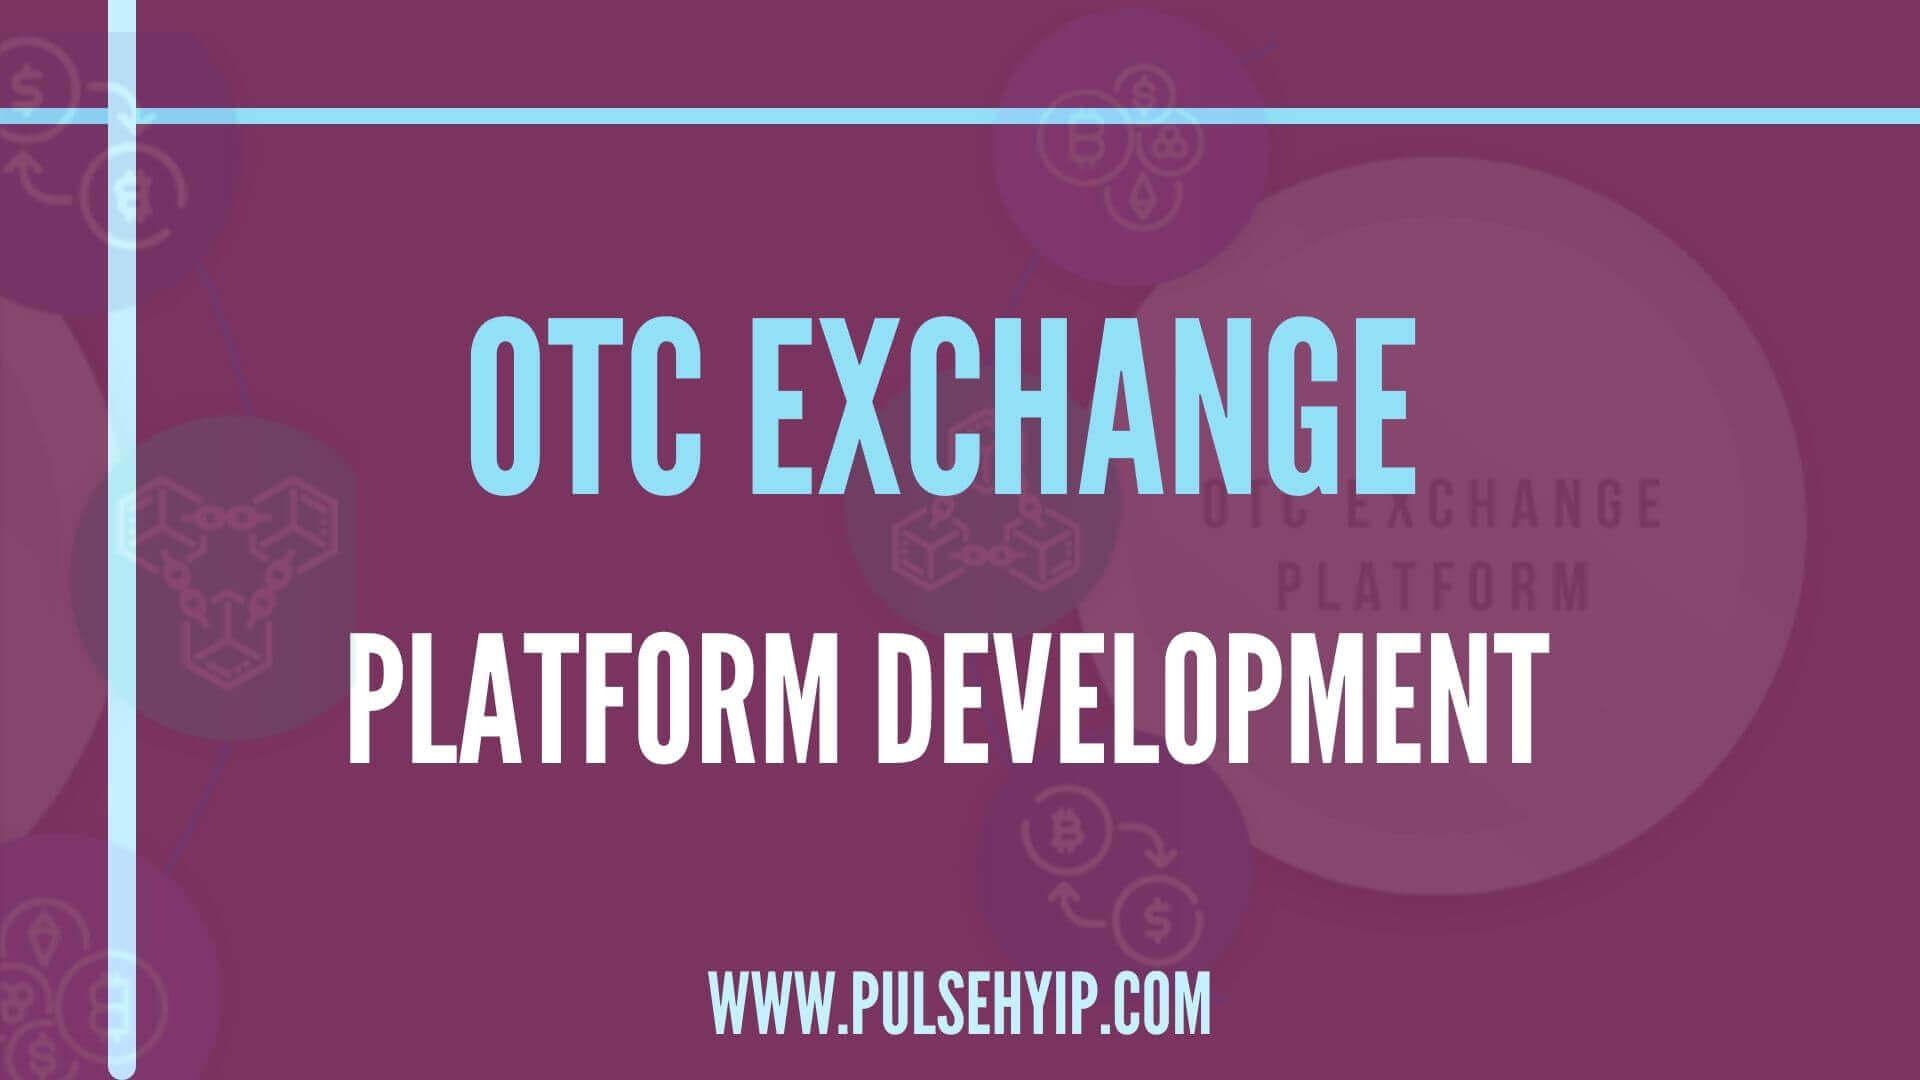 OTC EXCHANGE DEVELOPMENT COMPANY